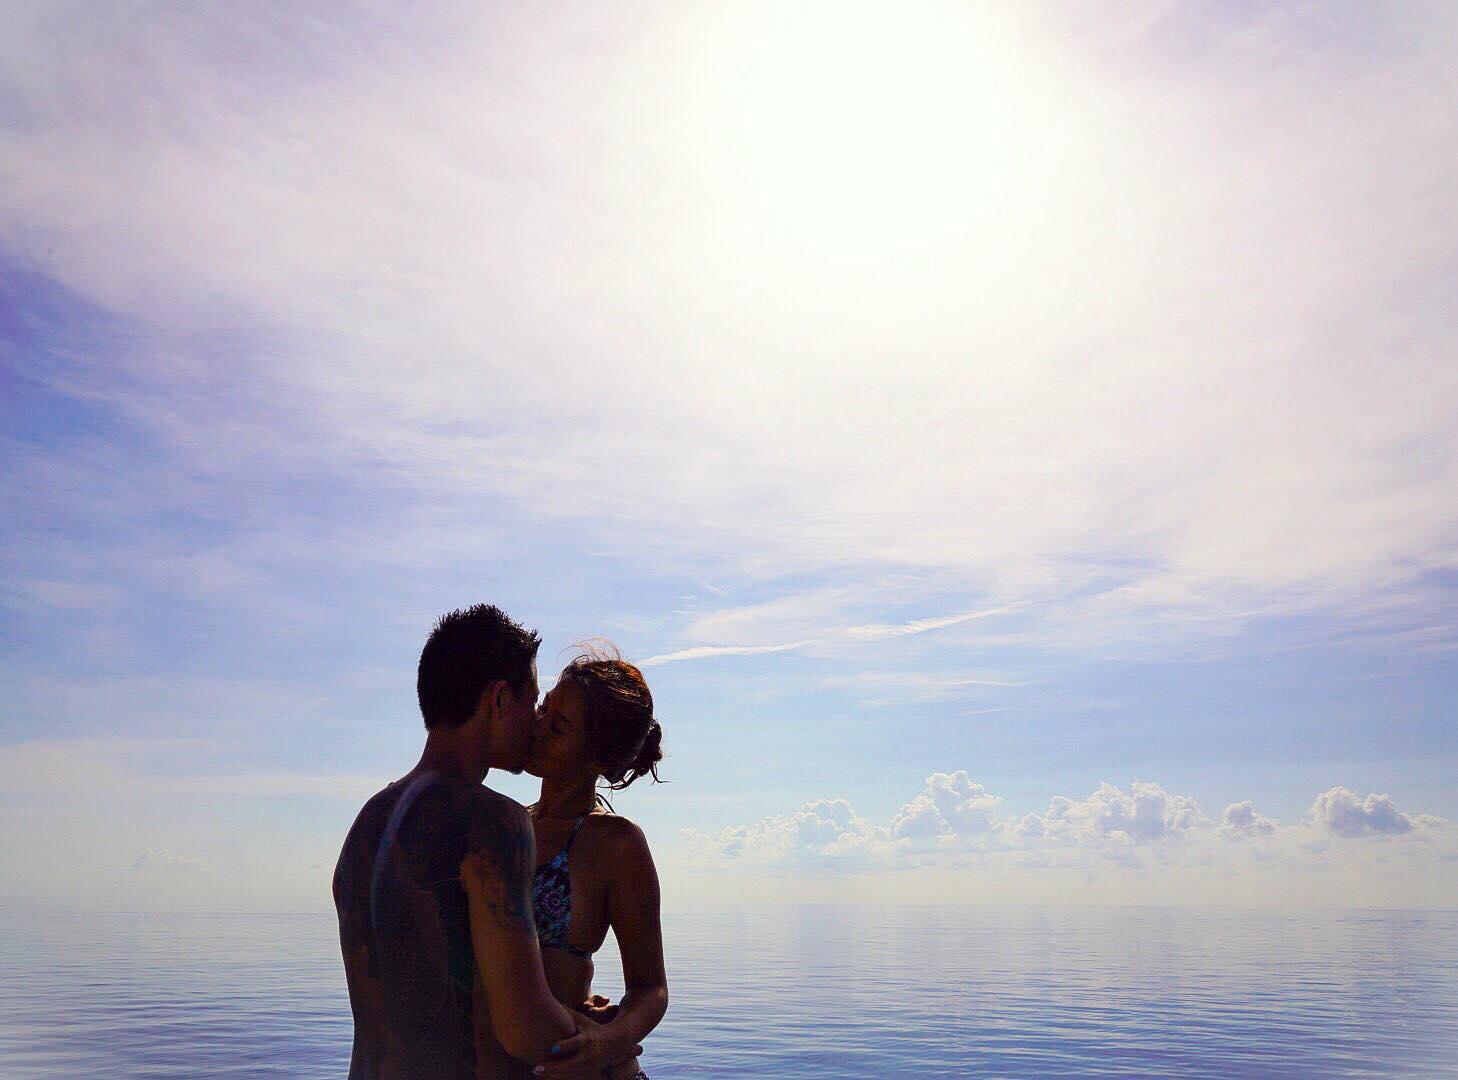 擁抱著彼此,擁抱著天海一線的不真實